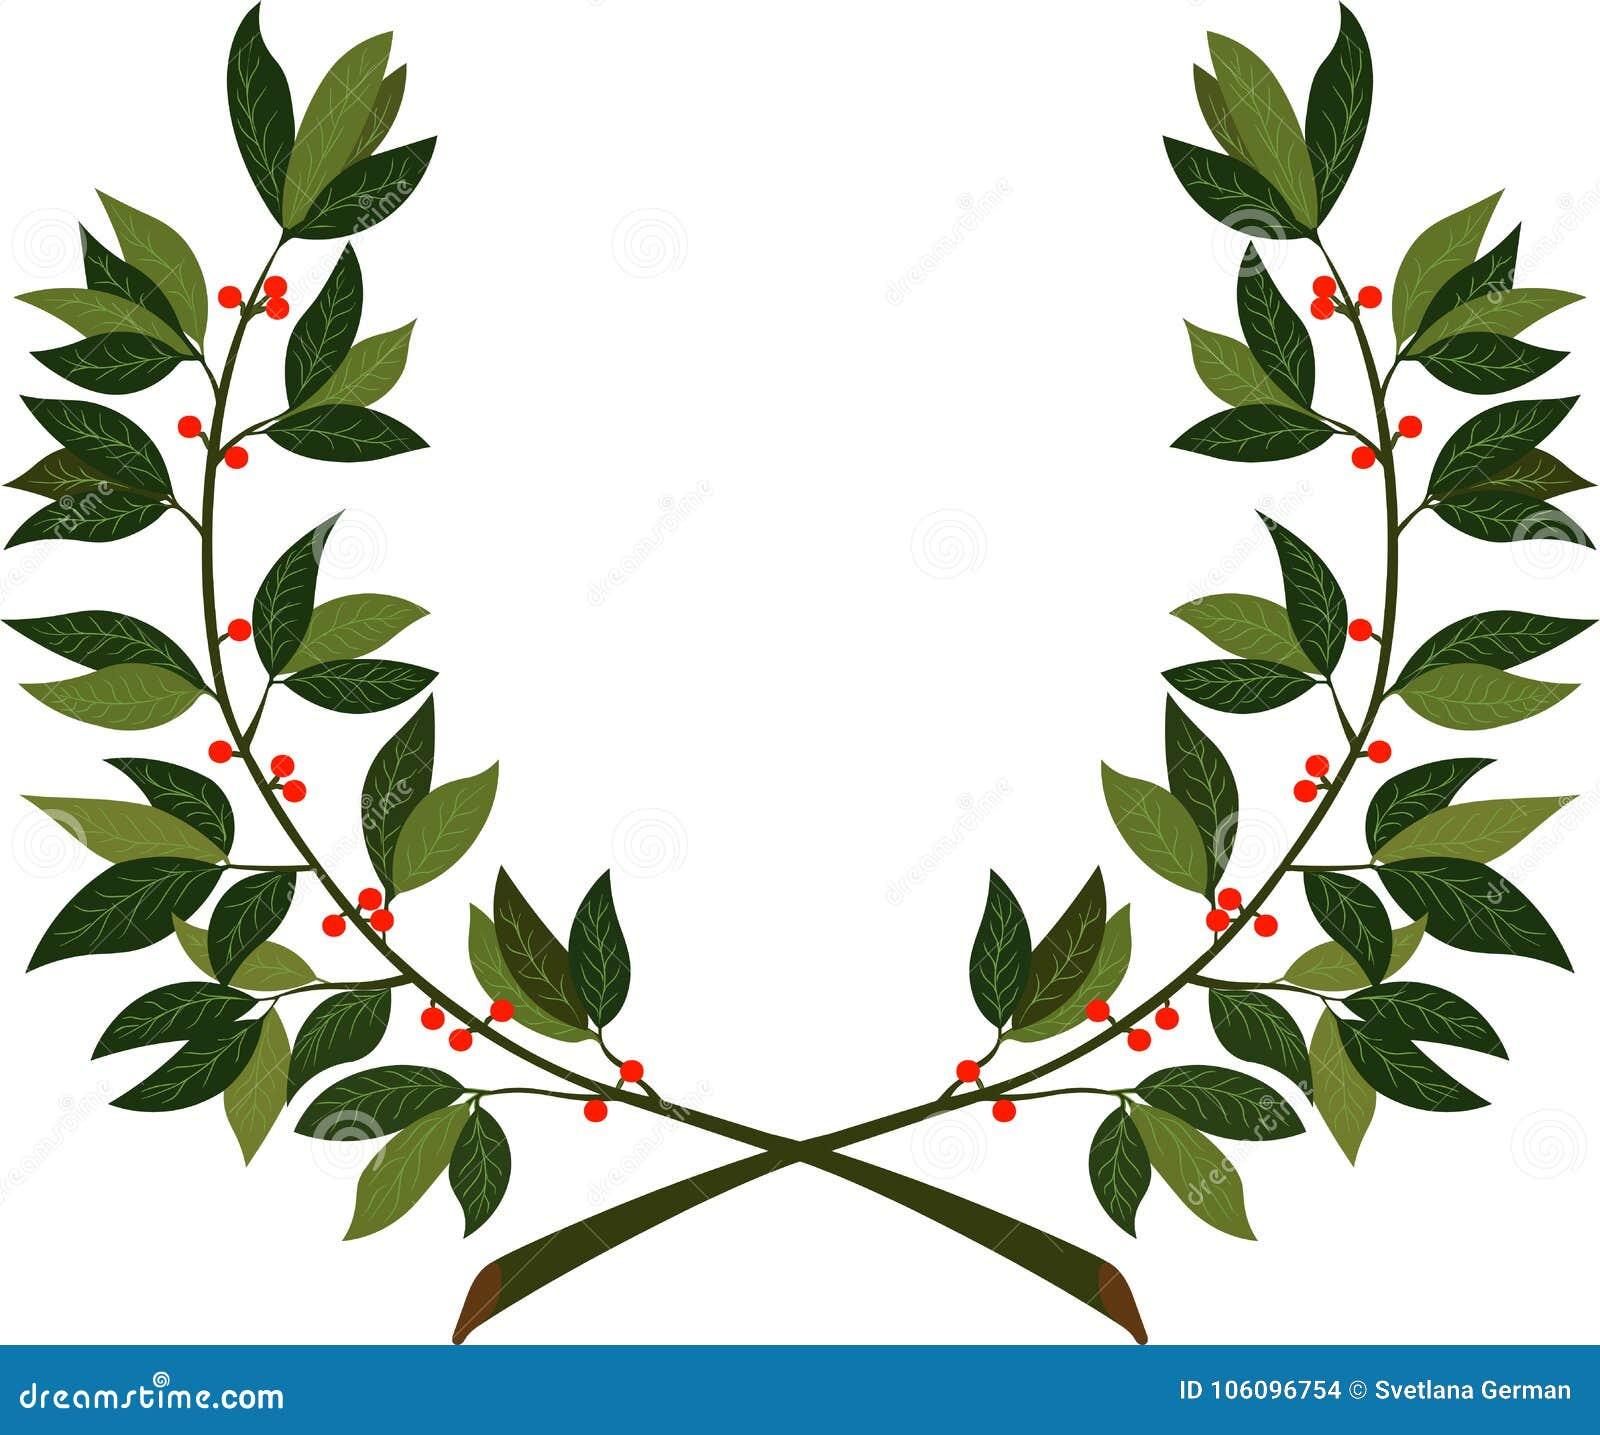 Laurowy wianek - symbol zwycięstwo i osiągnięcie